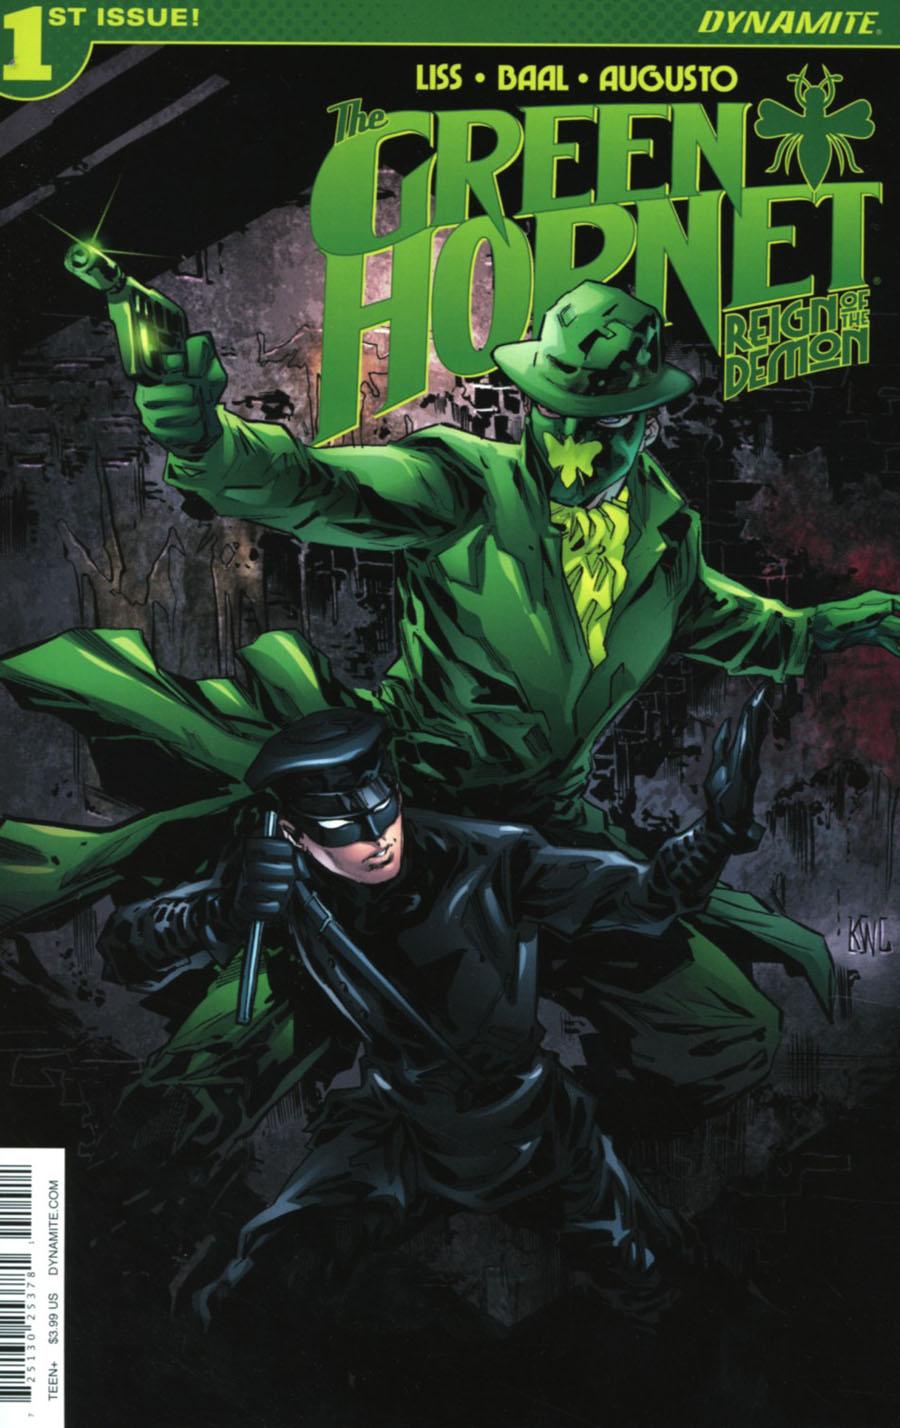 Green Hornet Reign Of The Demon #1 Cover A Regular Ken Lashley Cover